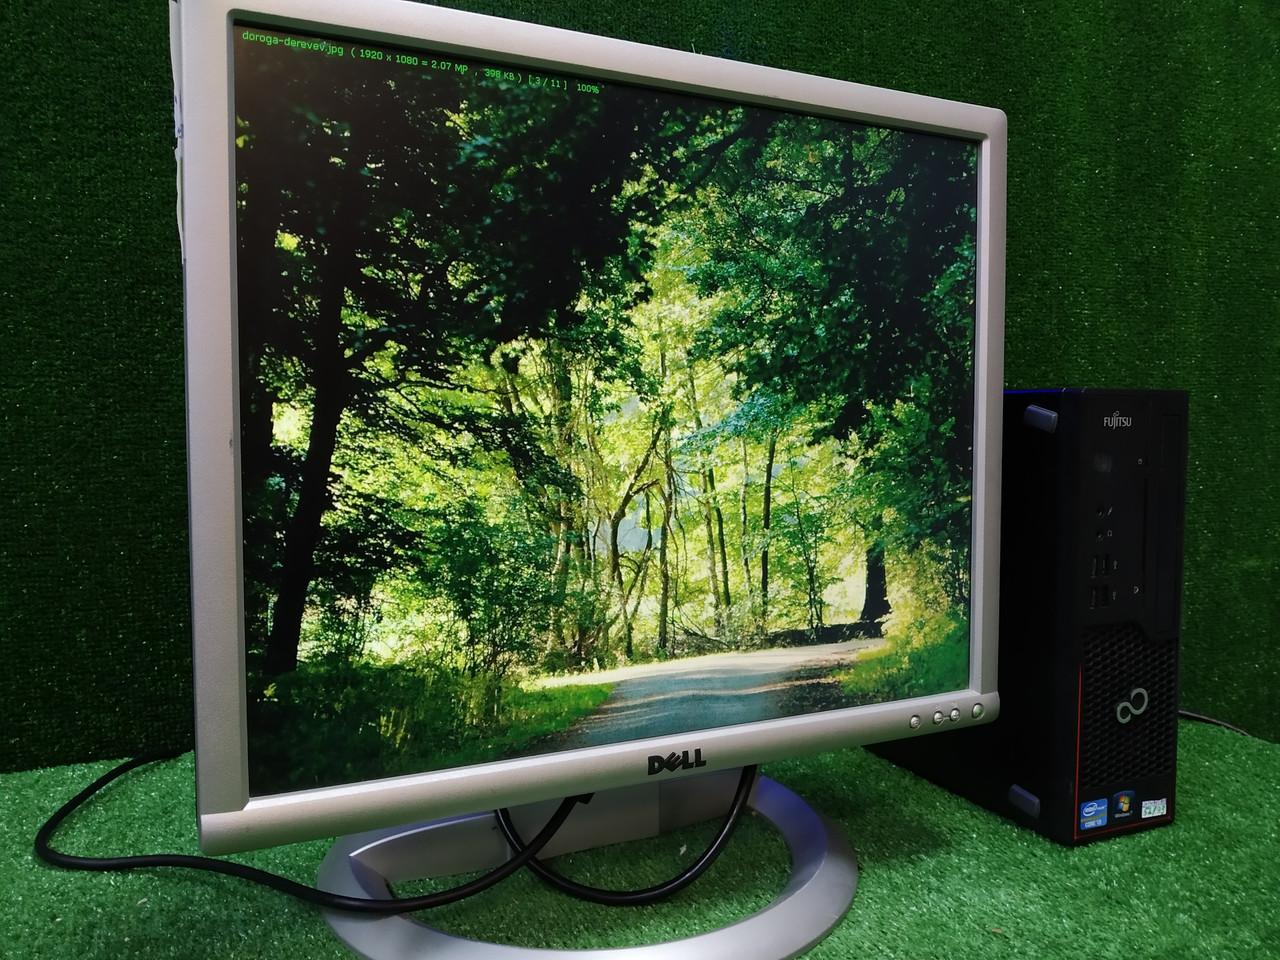 """ПК +монитор 19"""" PVA, i3-3220 3.3, 4 ГБ, 500 Гб, 2xCOM, 10 USB, USB 3.0 Настроен. Германия!"""